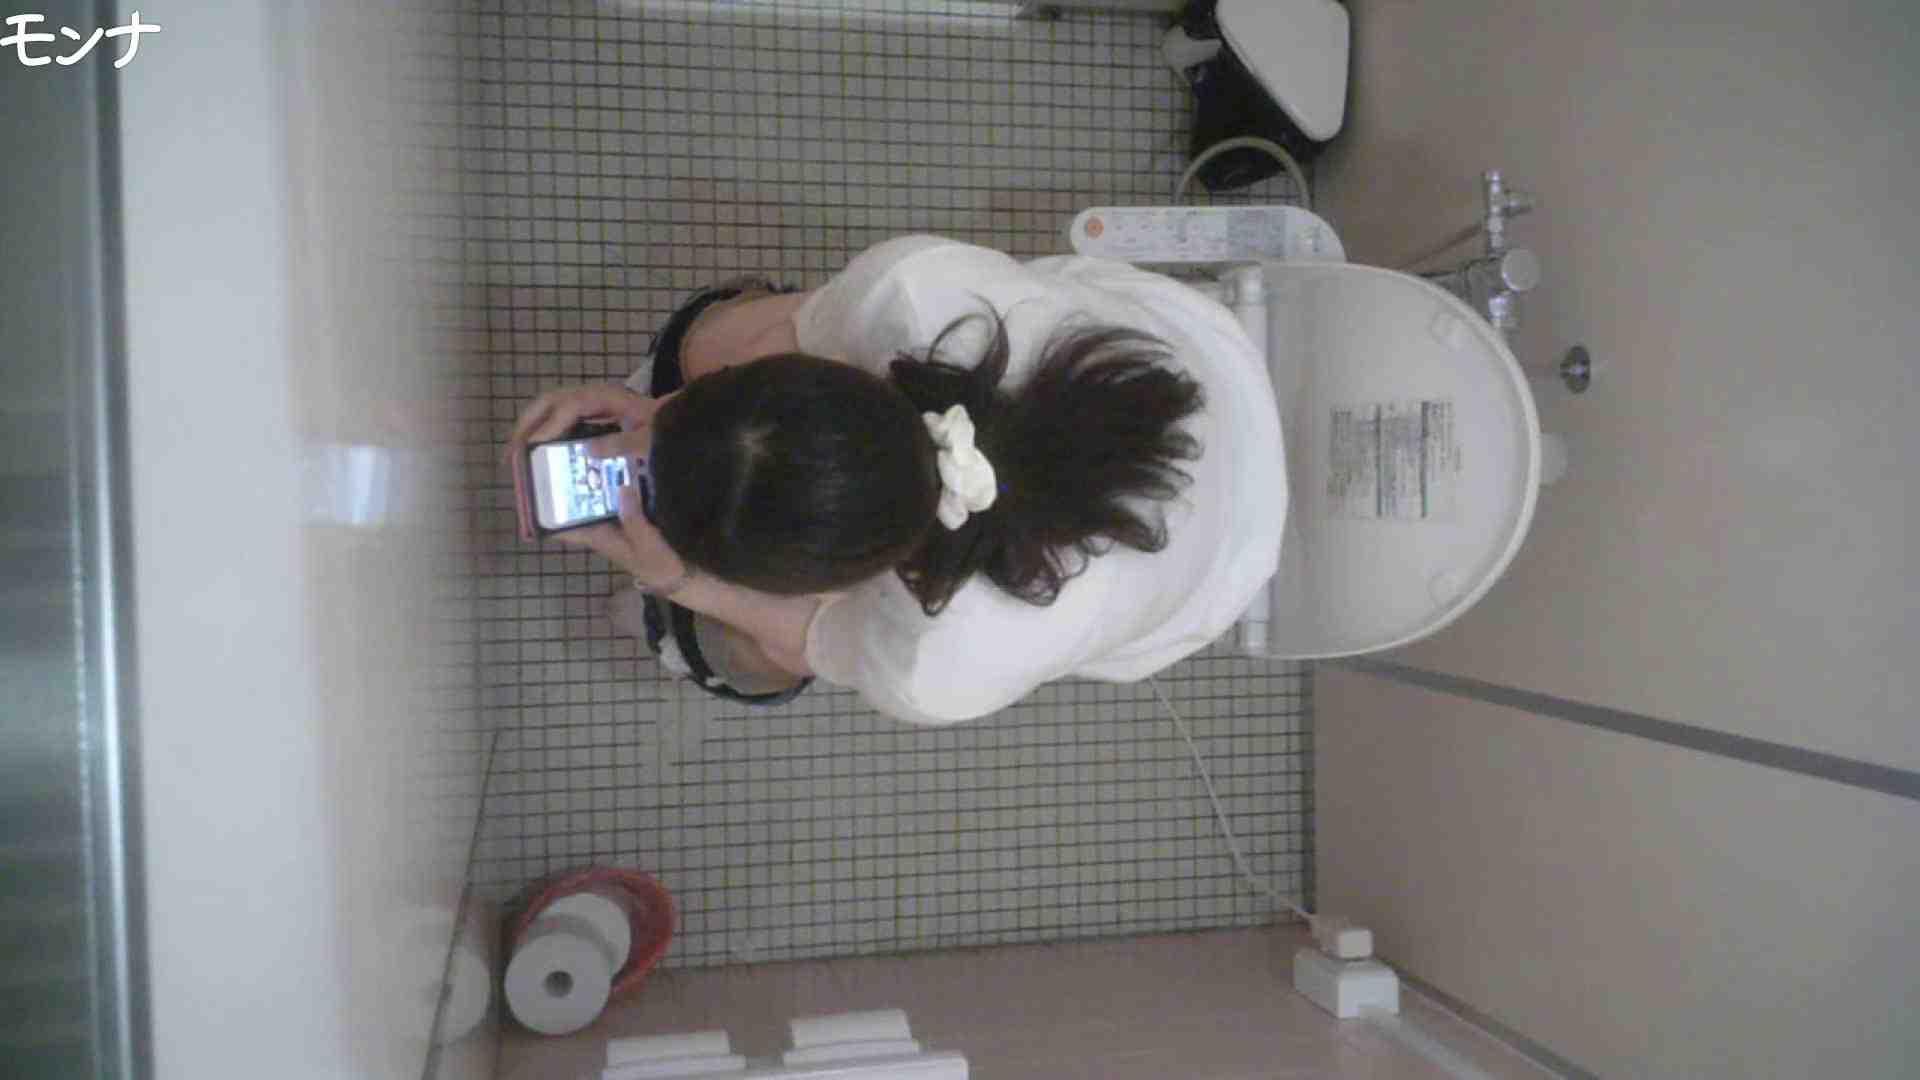 有名大学女性洗面所 vol.65 秘技!!マルチアングル天井撮り!! 丸見え  76PIX 5